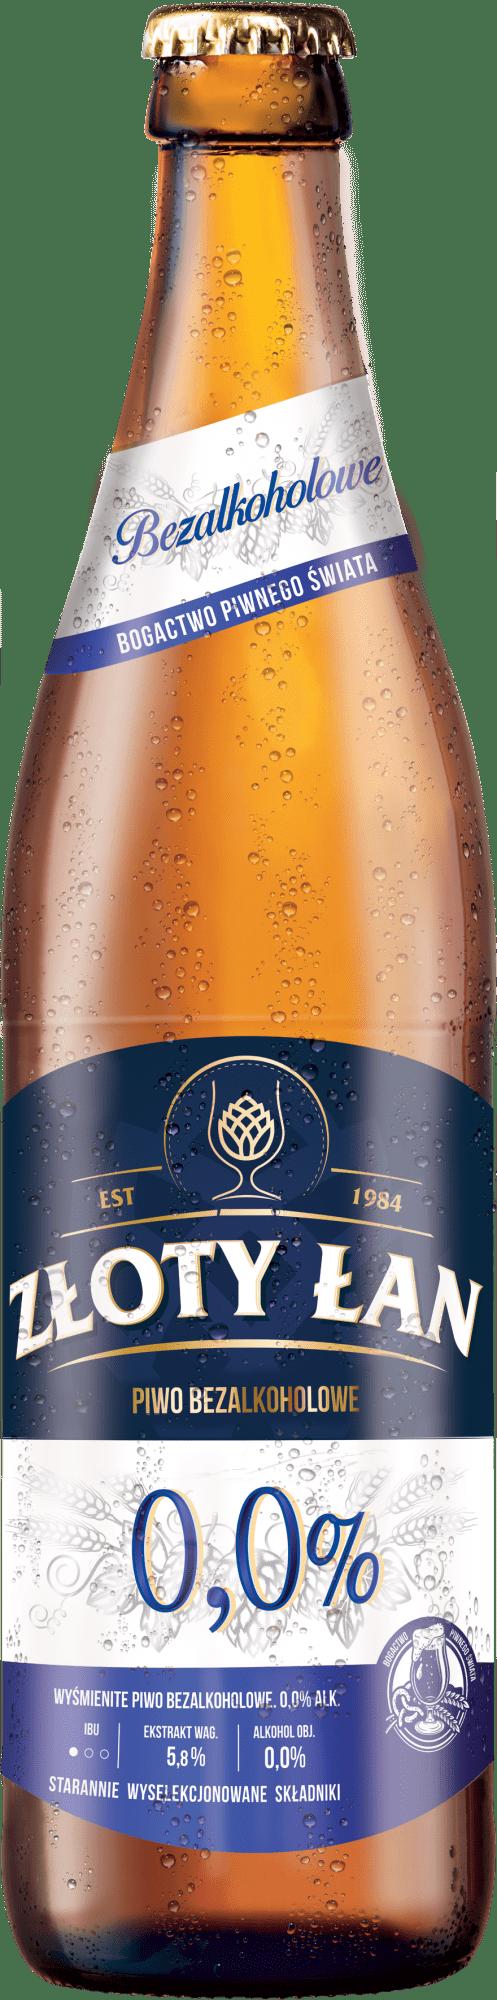 Piwo Złoty Łan - zloty lan 00